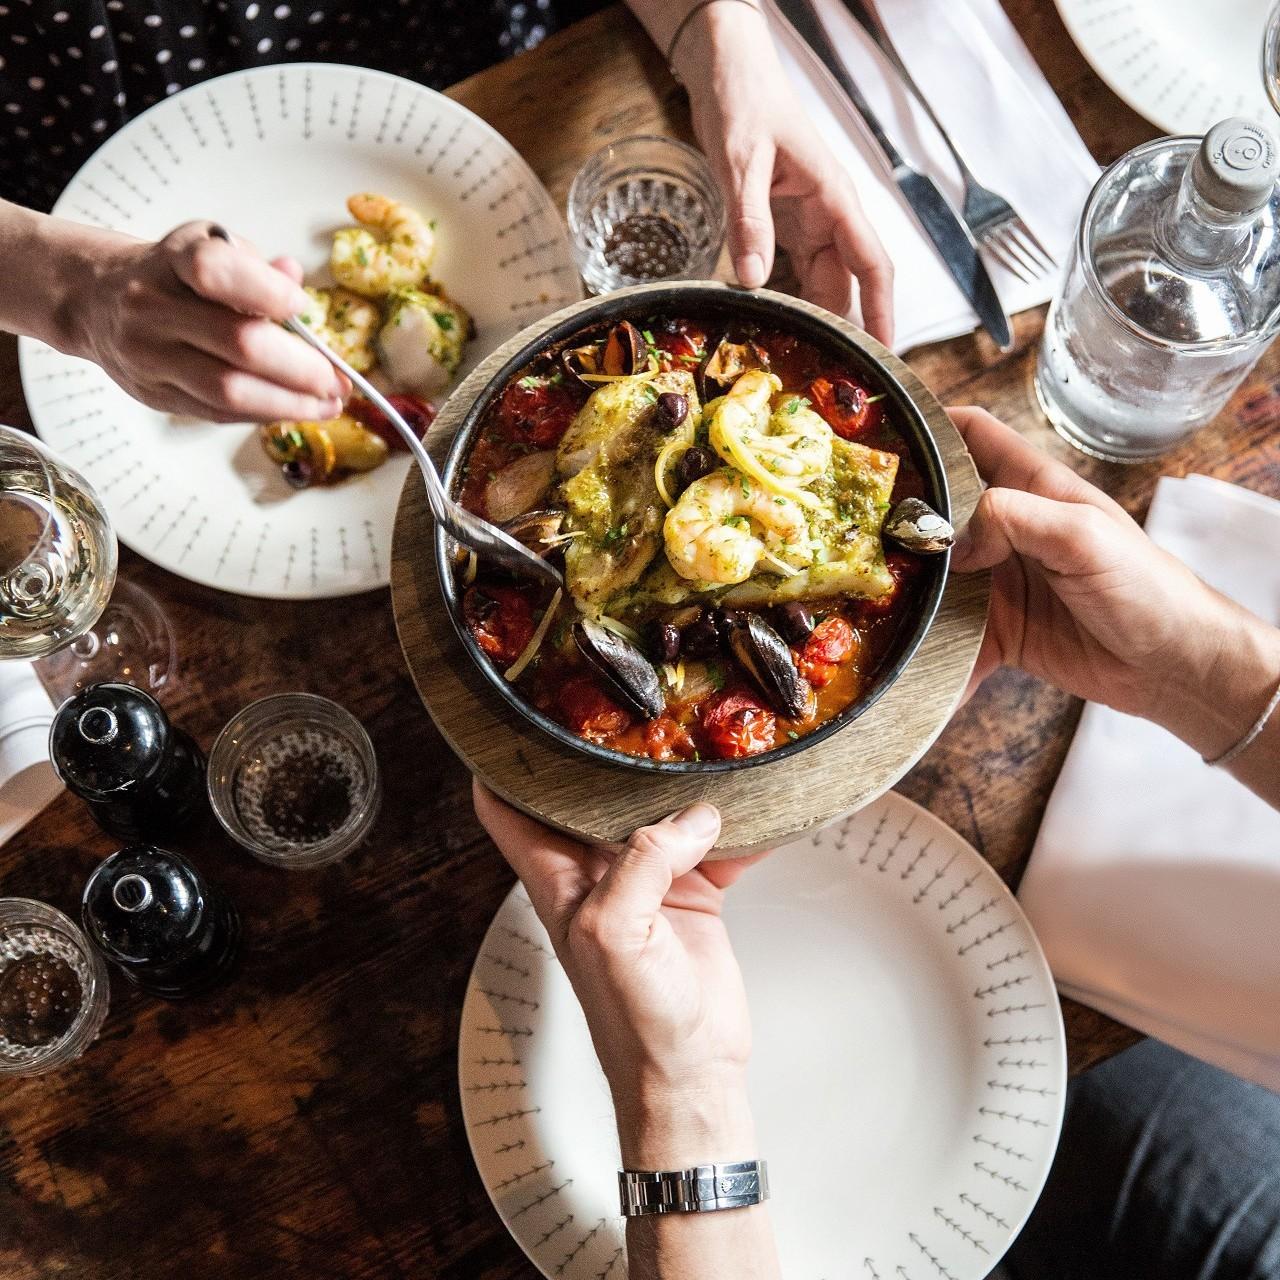 Siematic urban design de cuisine sans diktat conception for Revendeur cuisine